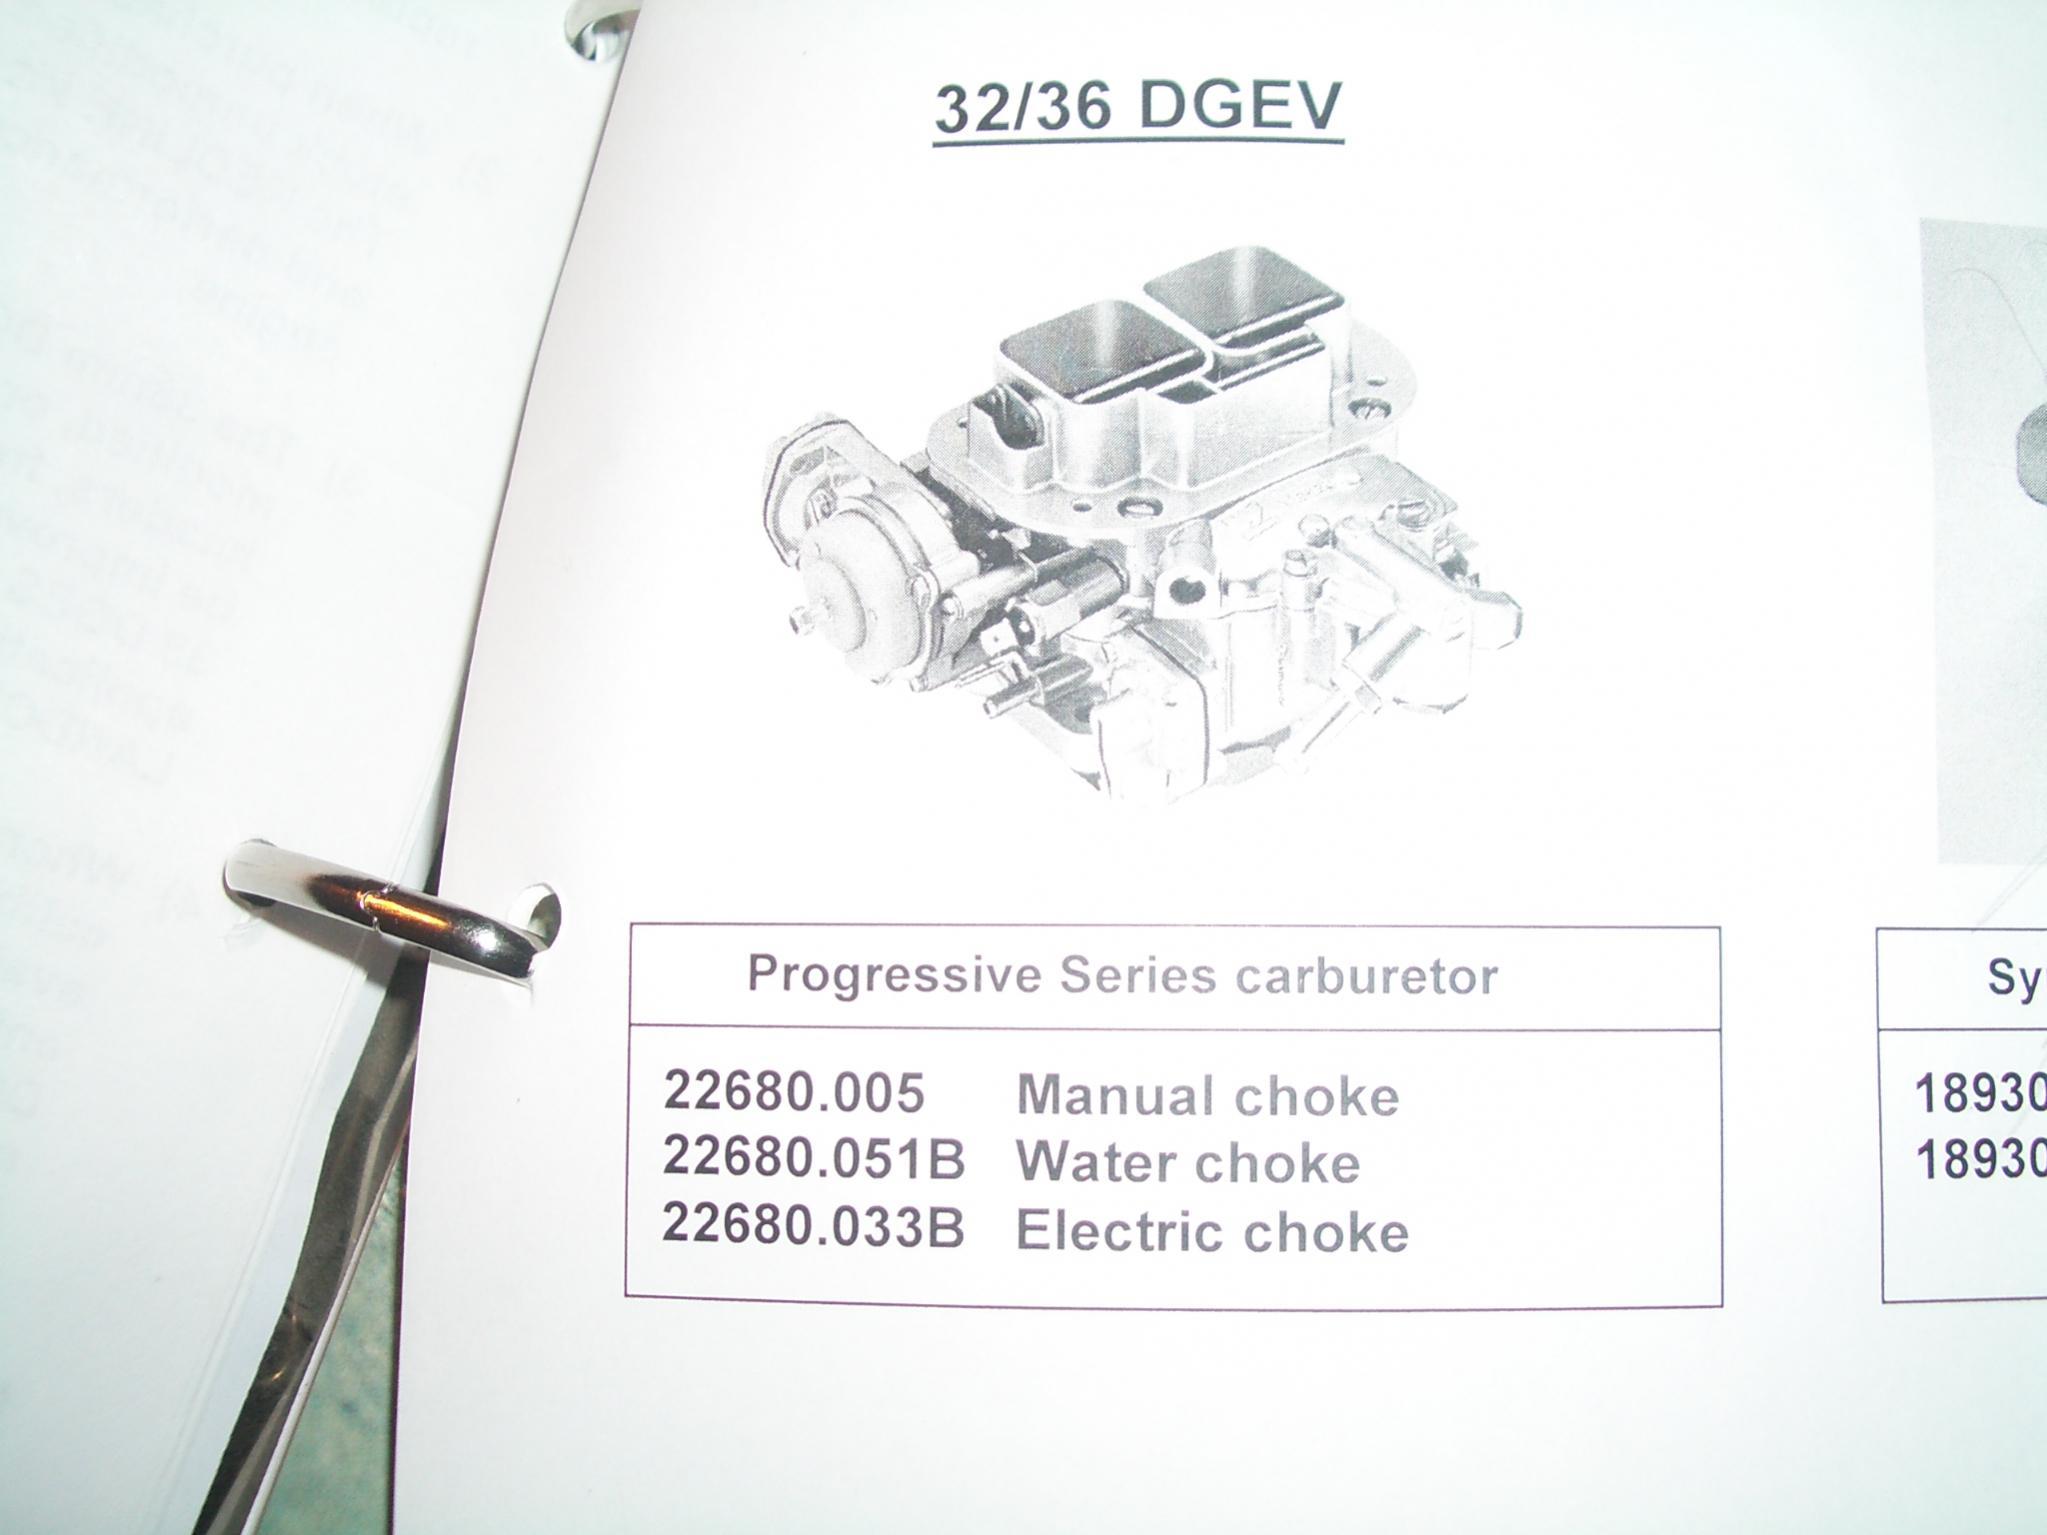 Tolle 1979 Corvette Verdrahtungsschema Fotos - Elektrische ...